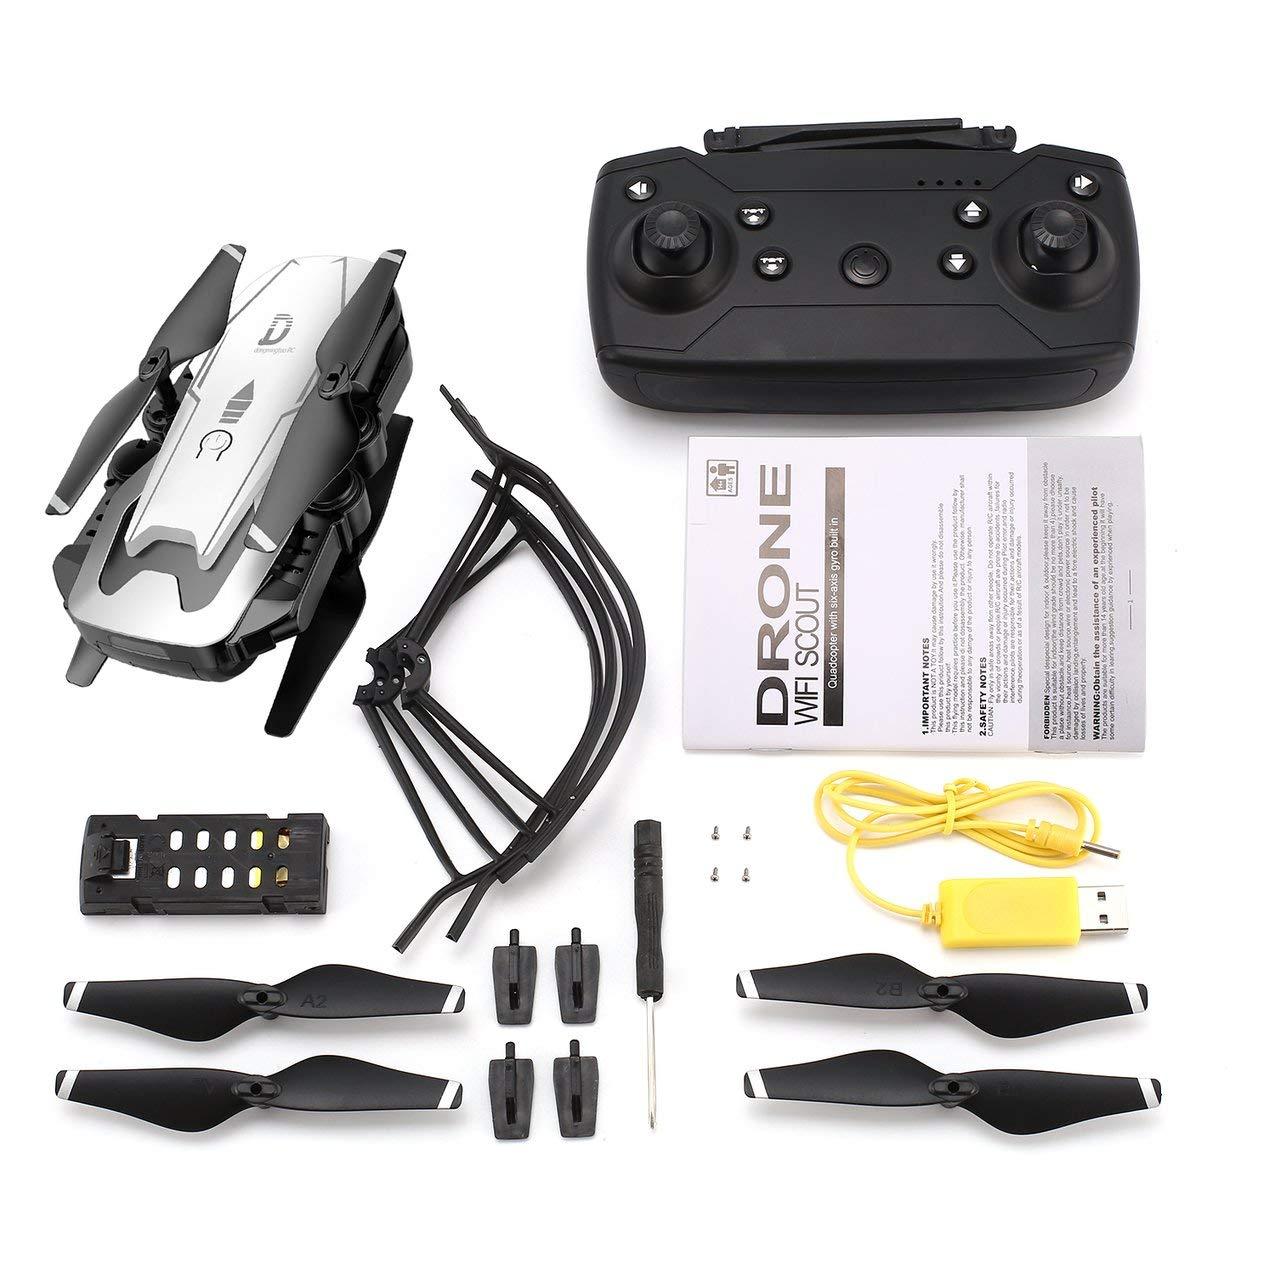 X12 4CH RC Plegable Quadcopter Altitude Hold con cámara cámara cámara WiFi Live Video One Key Return Modo sin Cabeza 3D Flip d92901